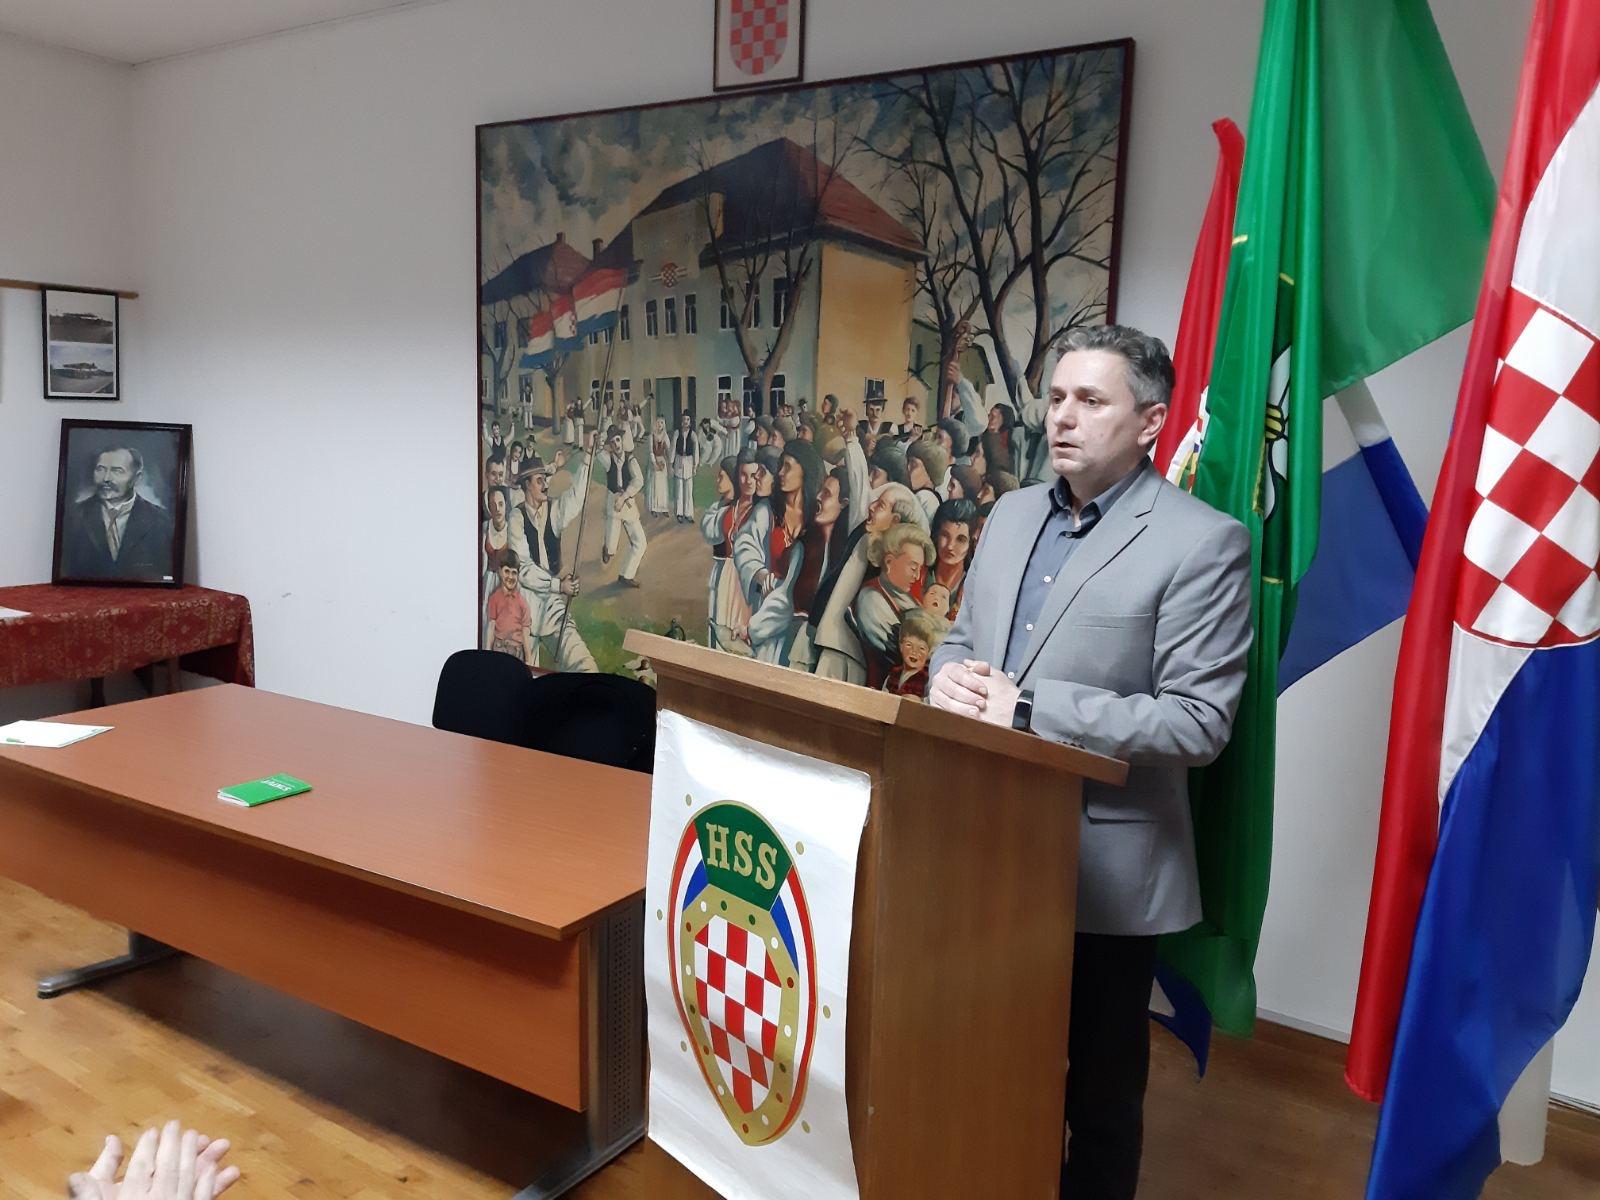 NOVA OPCIJA Starta Demokratski HSS umjesto Beljakovih 'seljaka'